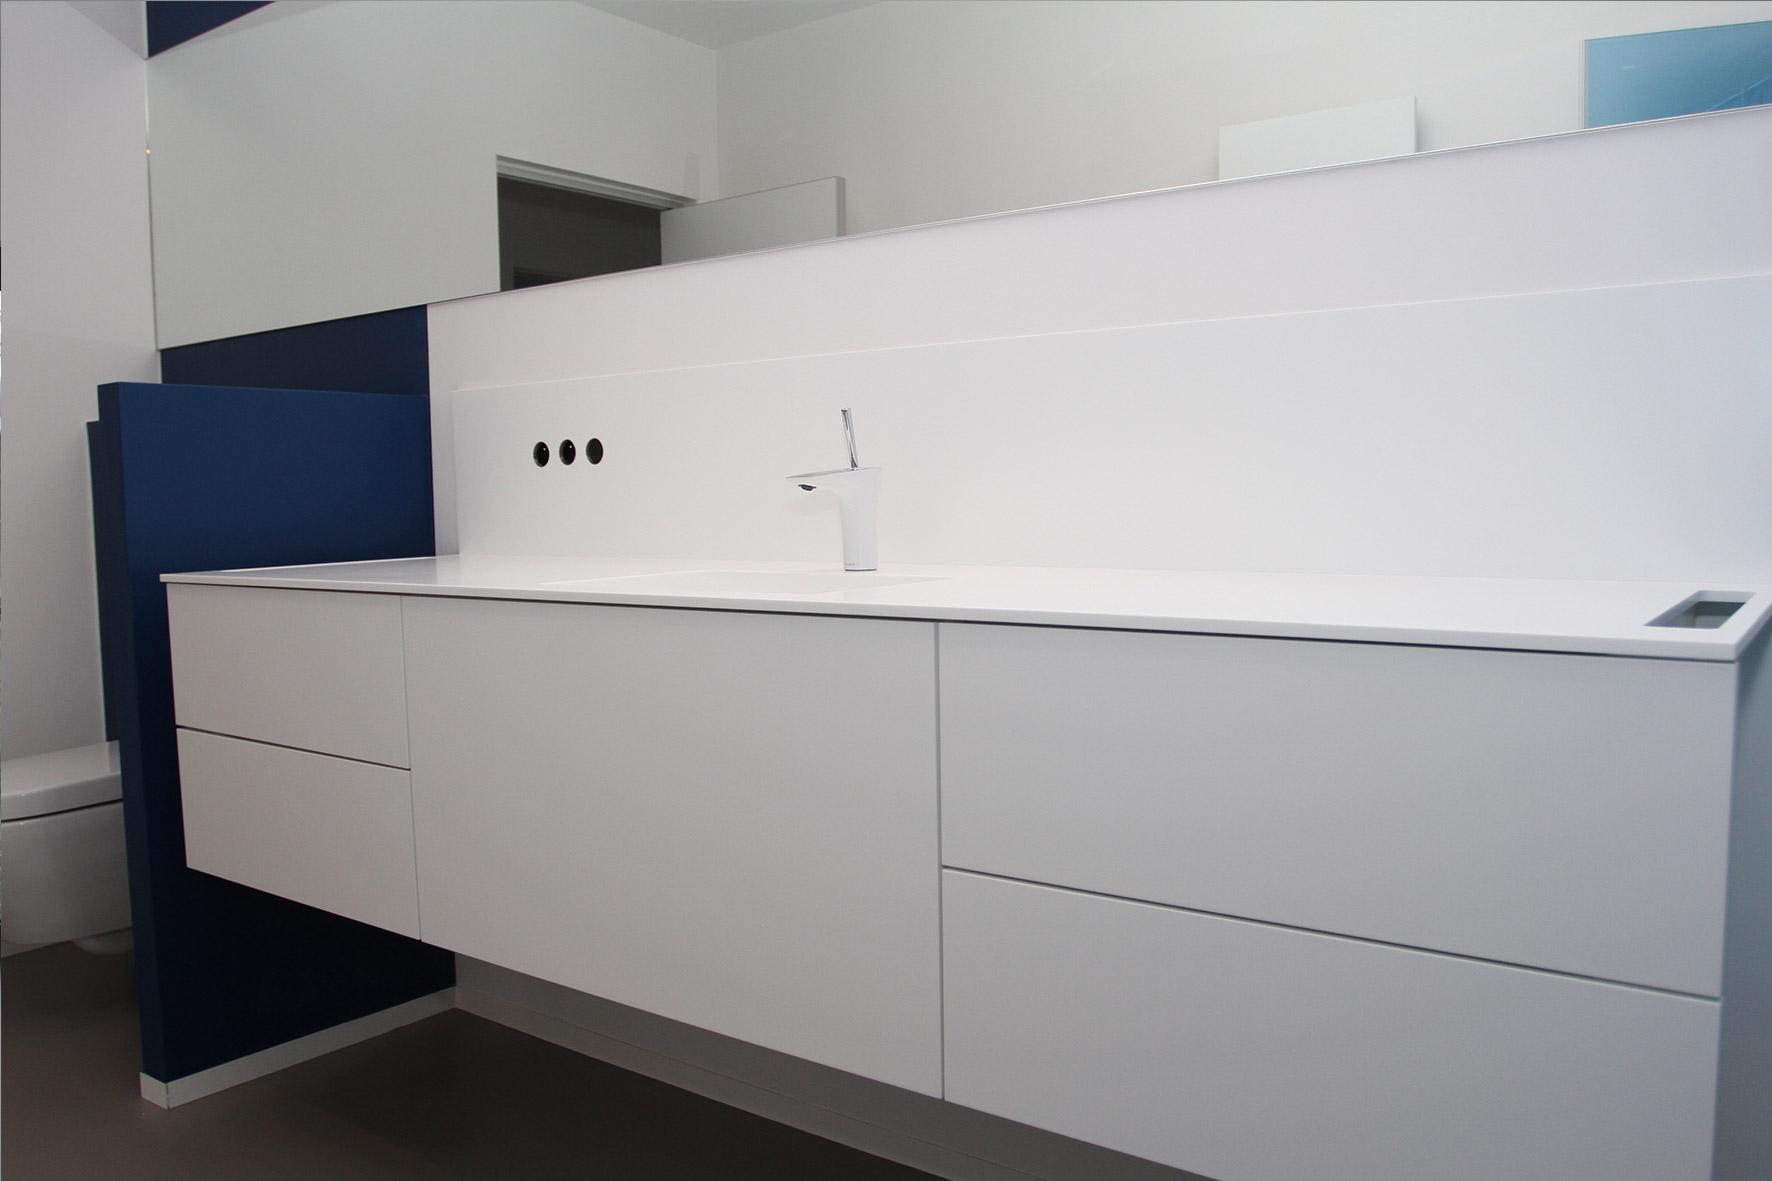 Badkamer met corian design badkamer sicis glasmozaiek betegelde douchebank spiegel met design - Wit badkamer design meubels ...